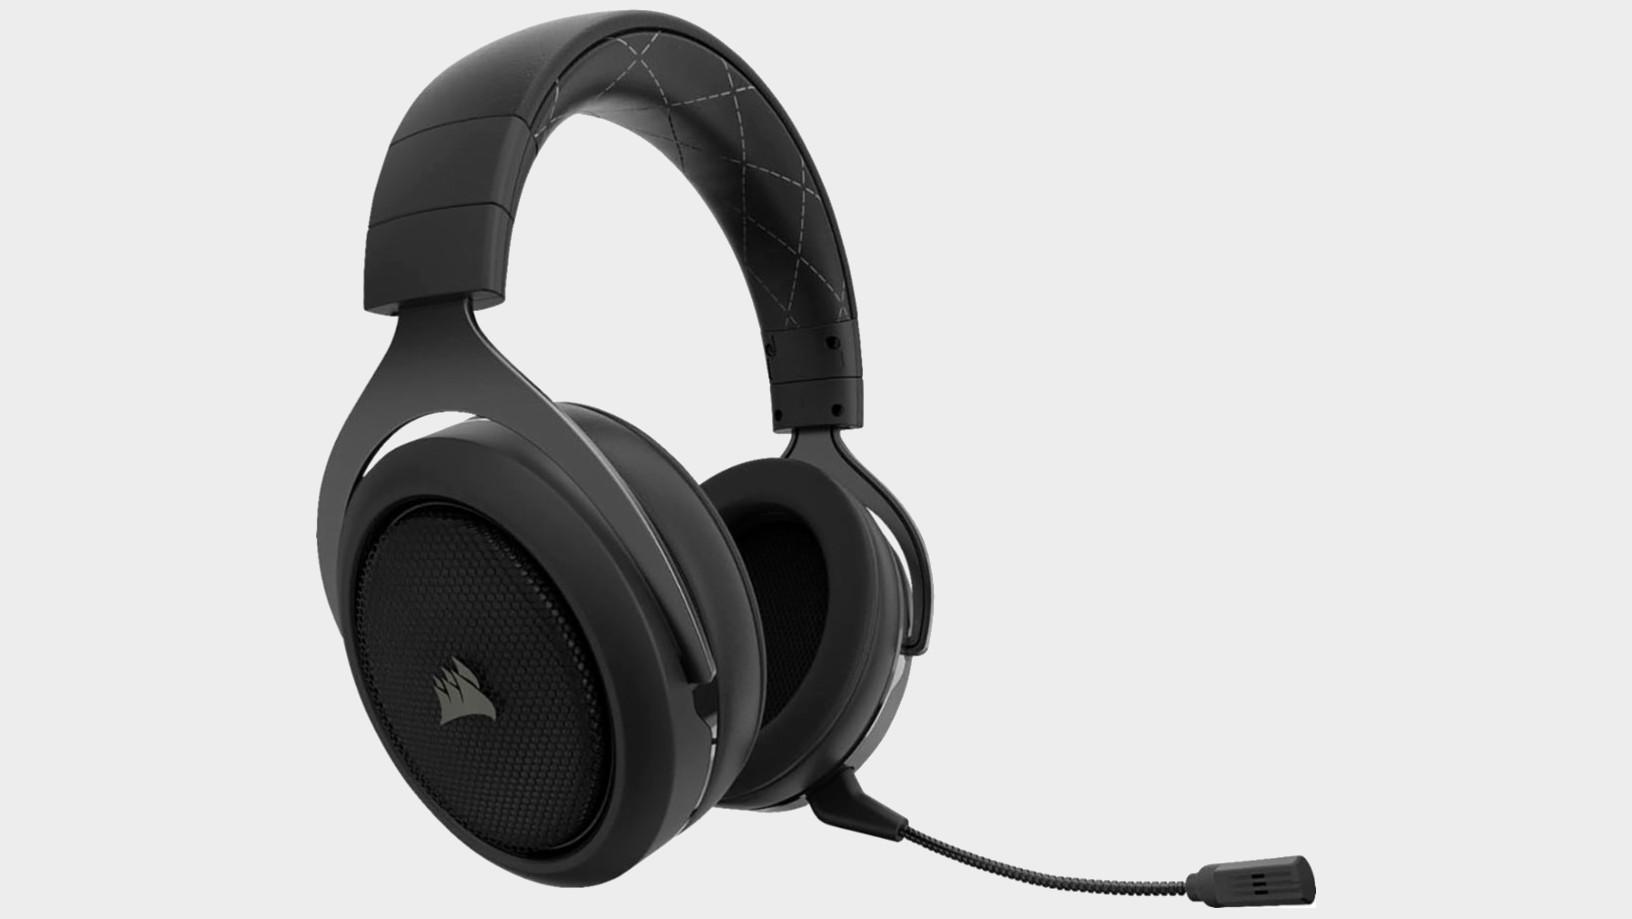 Casque Gamer Bluetooth : Comparatif Meilleur Casque Gaming Bluetooth 2019